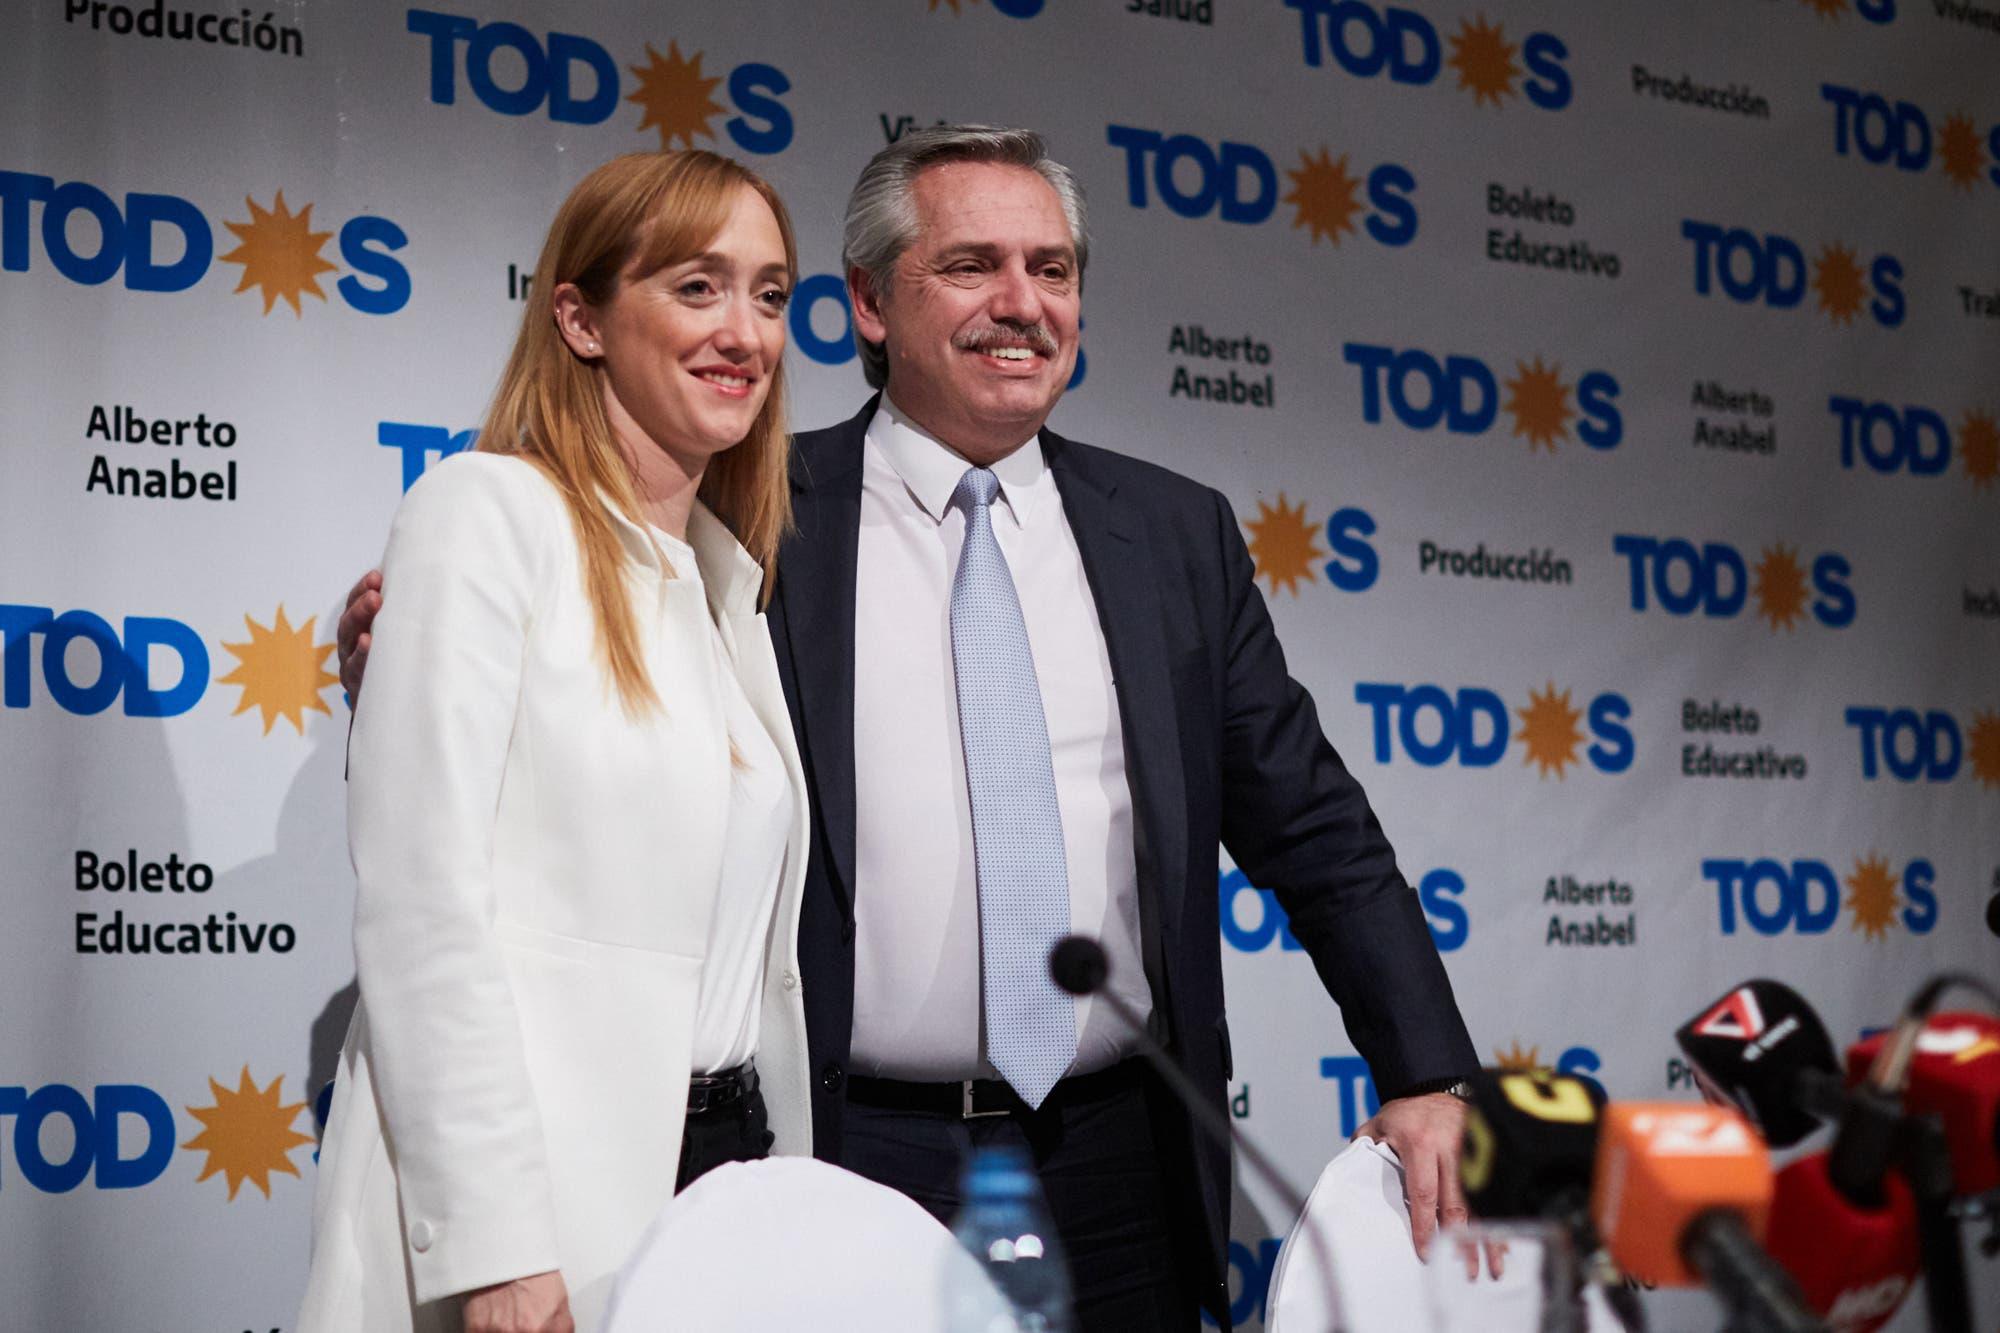 Coparticipación: de ser electo presidente, Fernández contemplaría realizar cambios